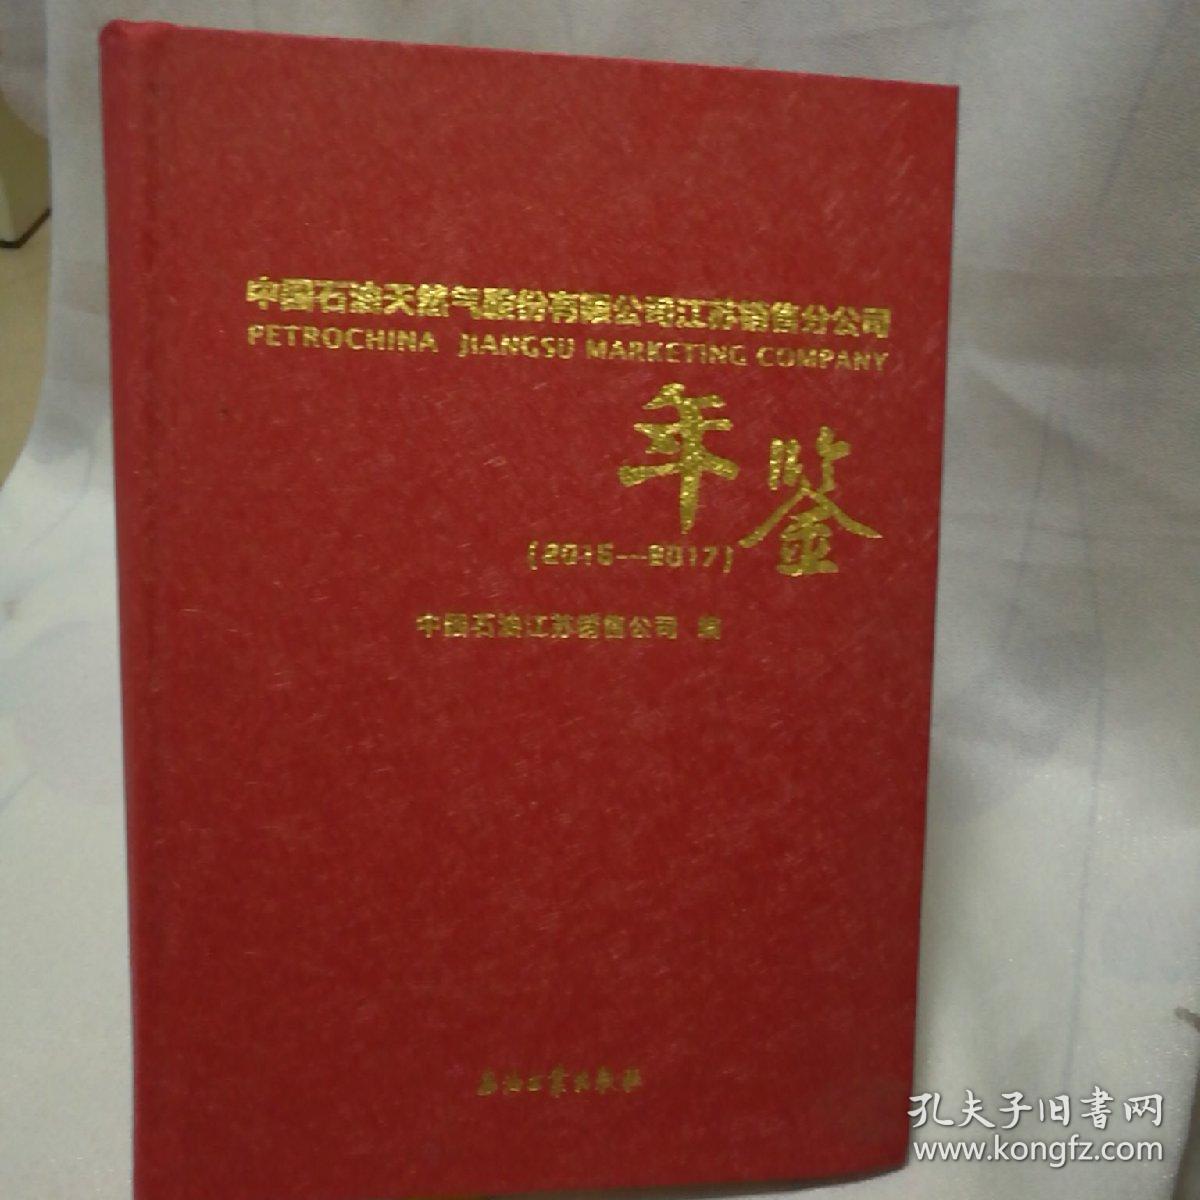 中国石油天然气股份有限公司江苏销售分公司年鉴(2015-2017)